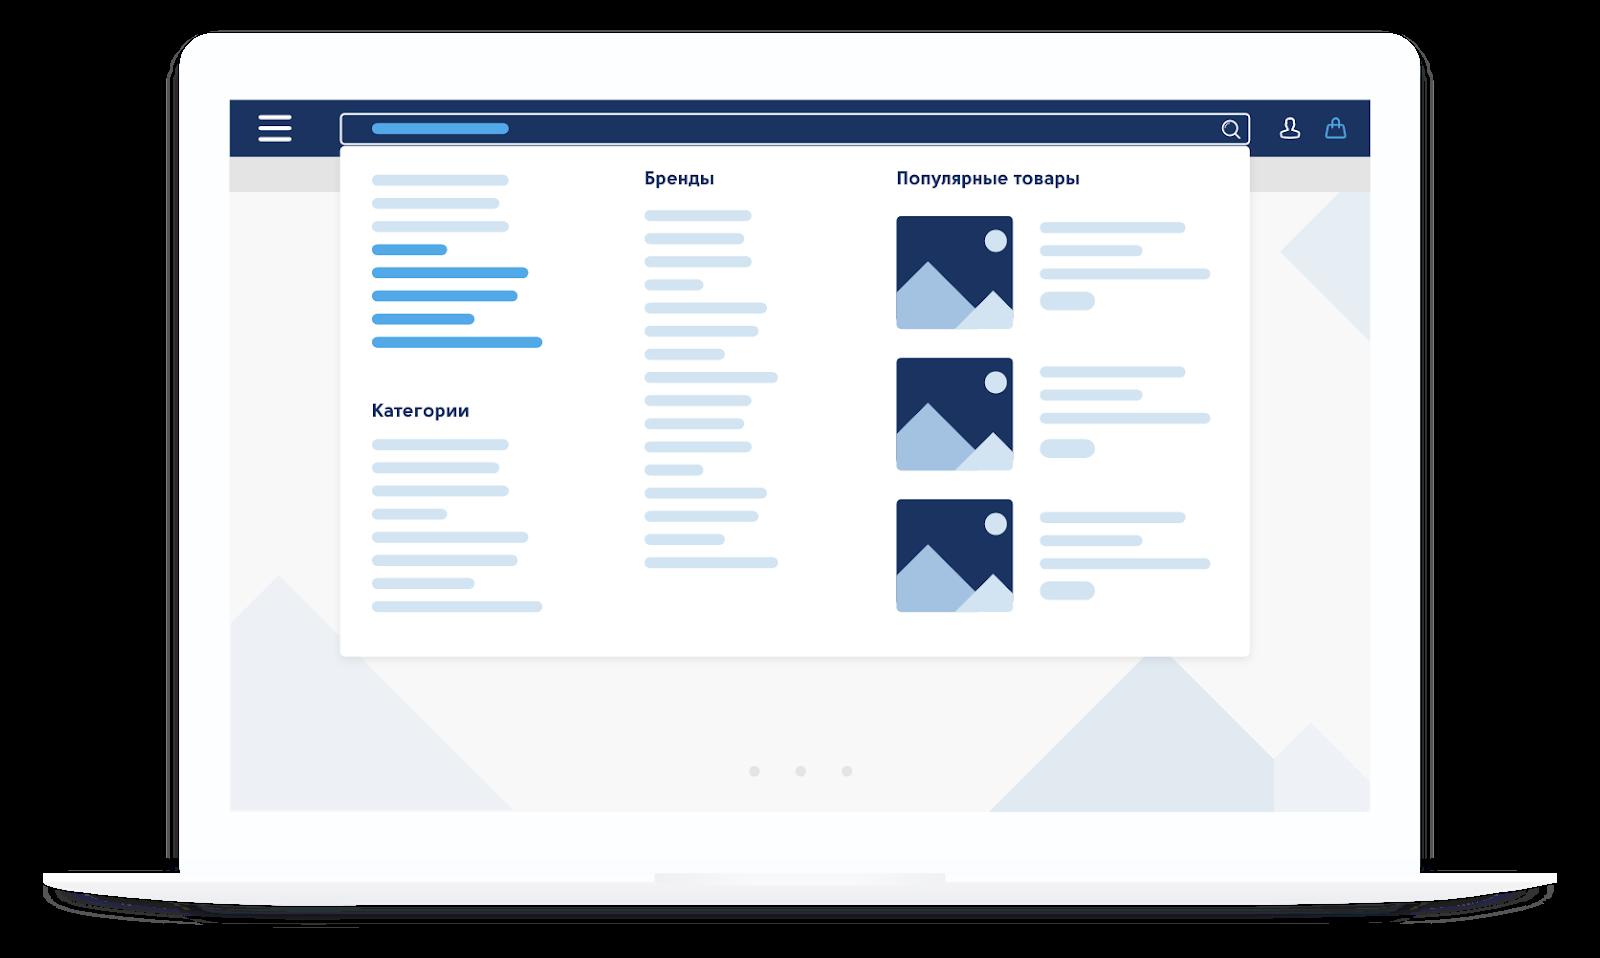 AnyQuery — сервис №1 для поиска в интернет-магазинах